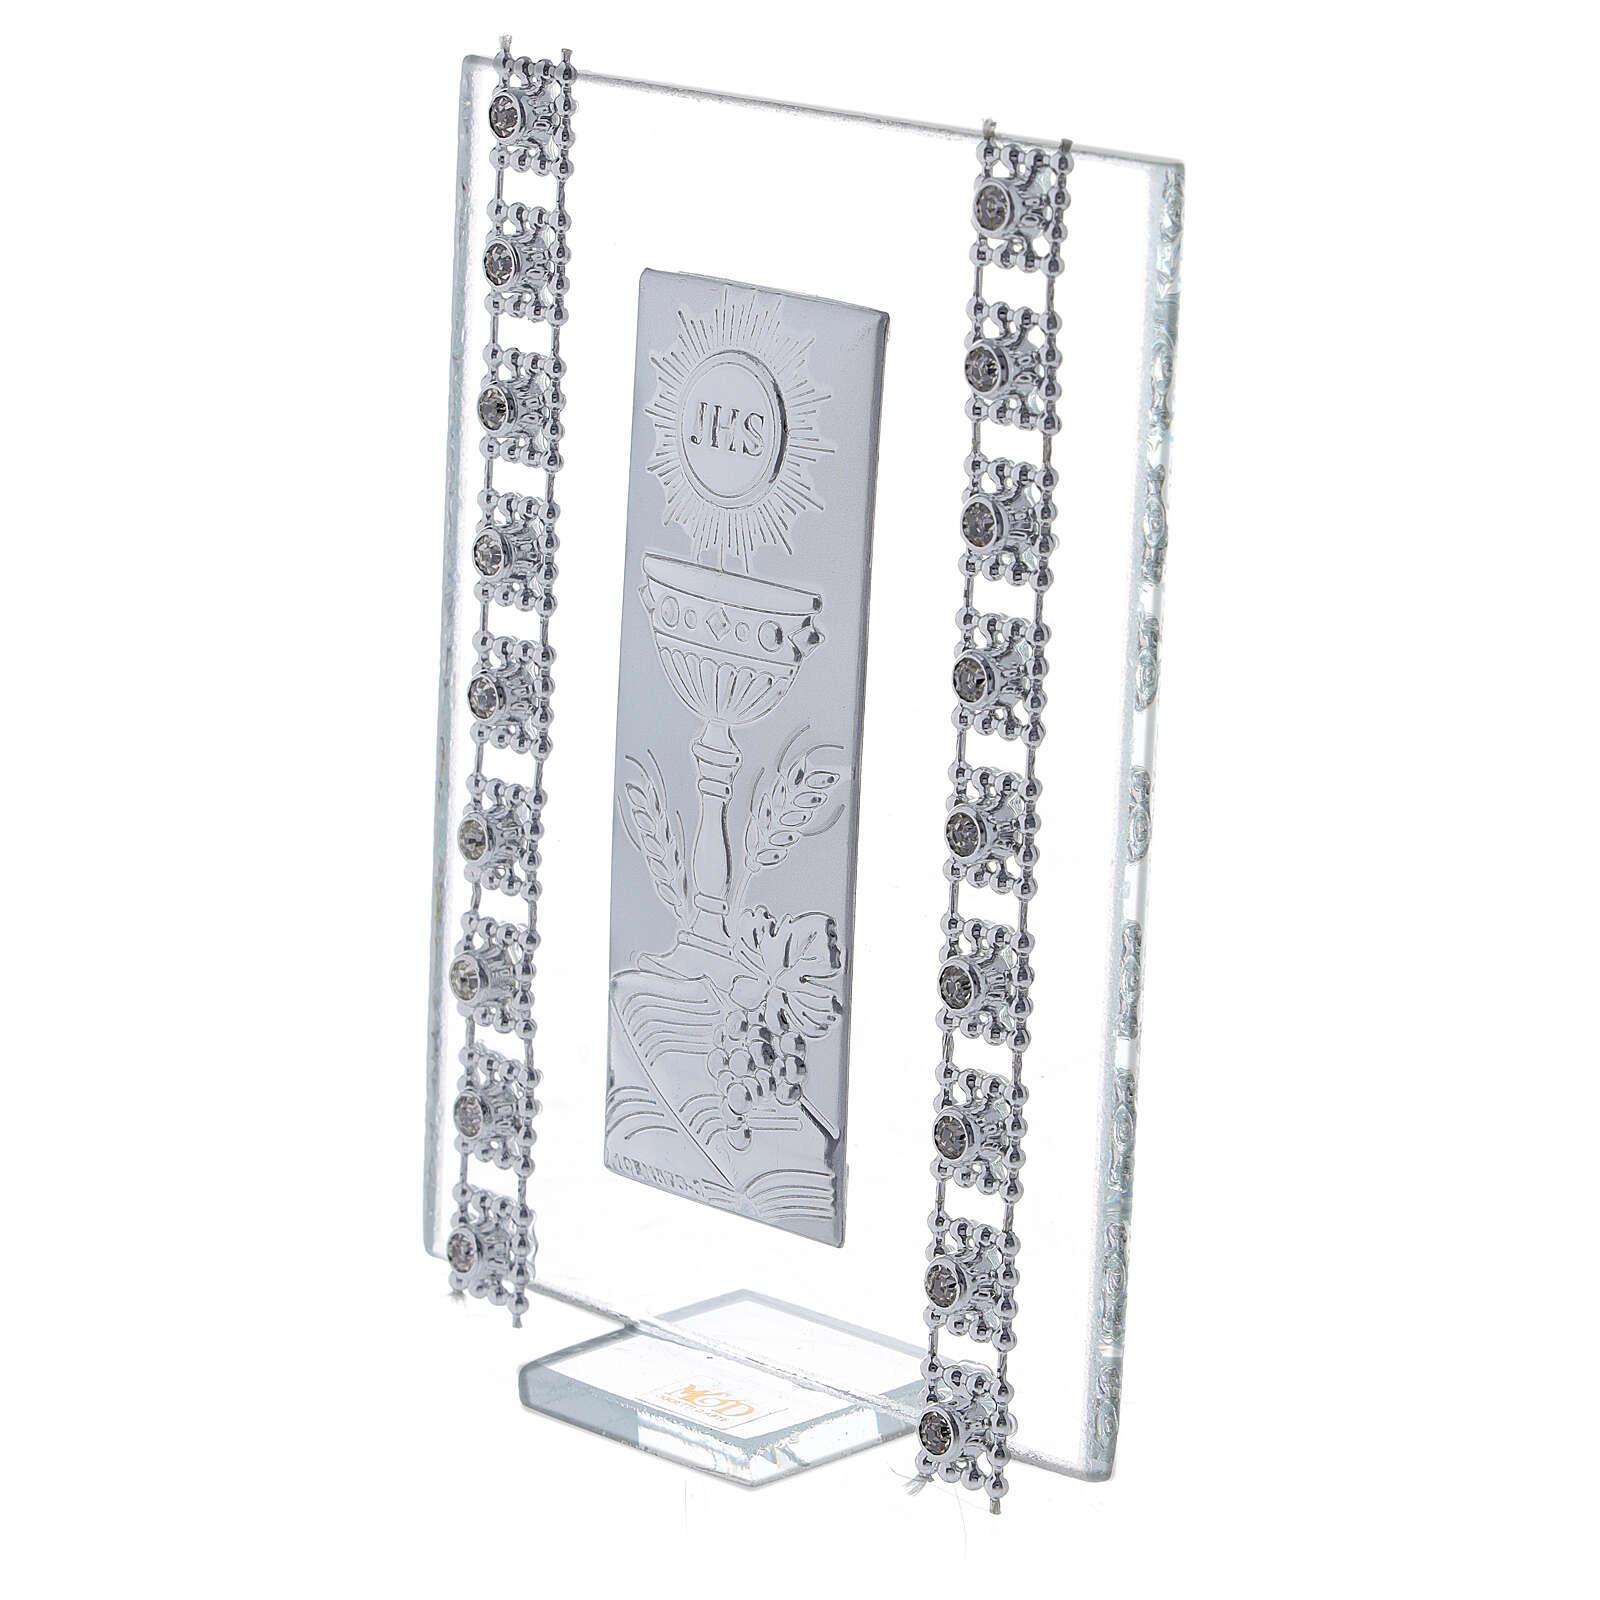 Recuerdo cuentas strass y símbolos Comunión vidrio 3